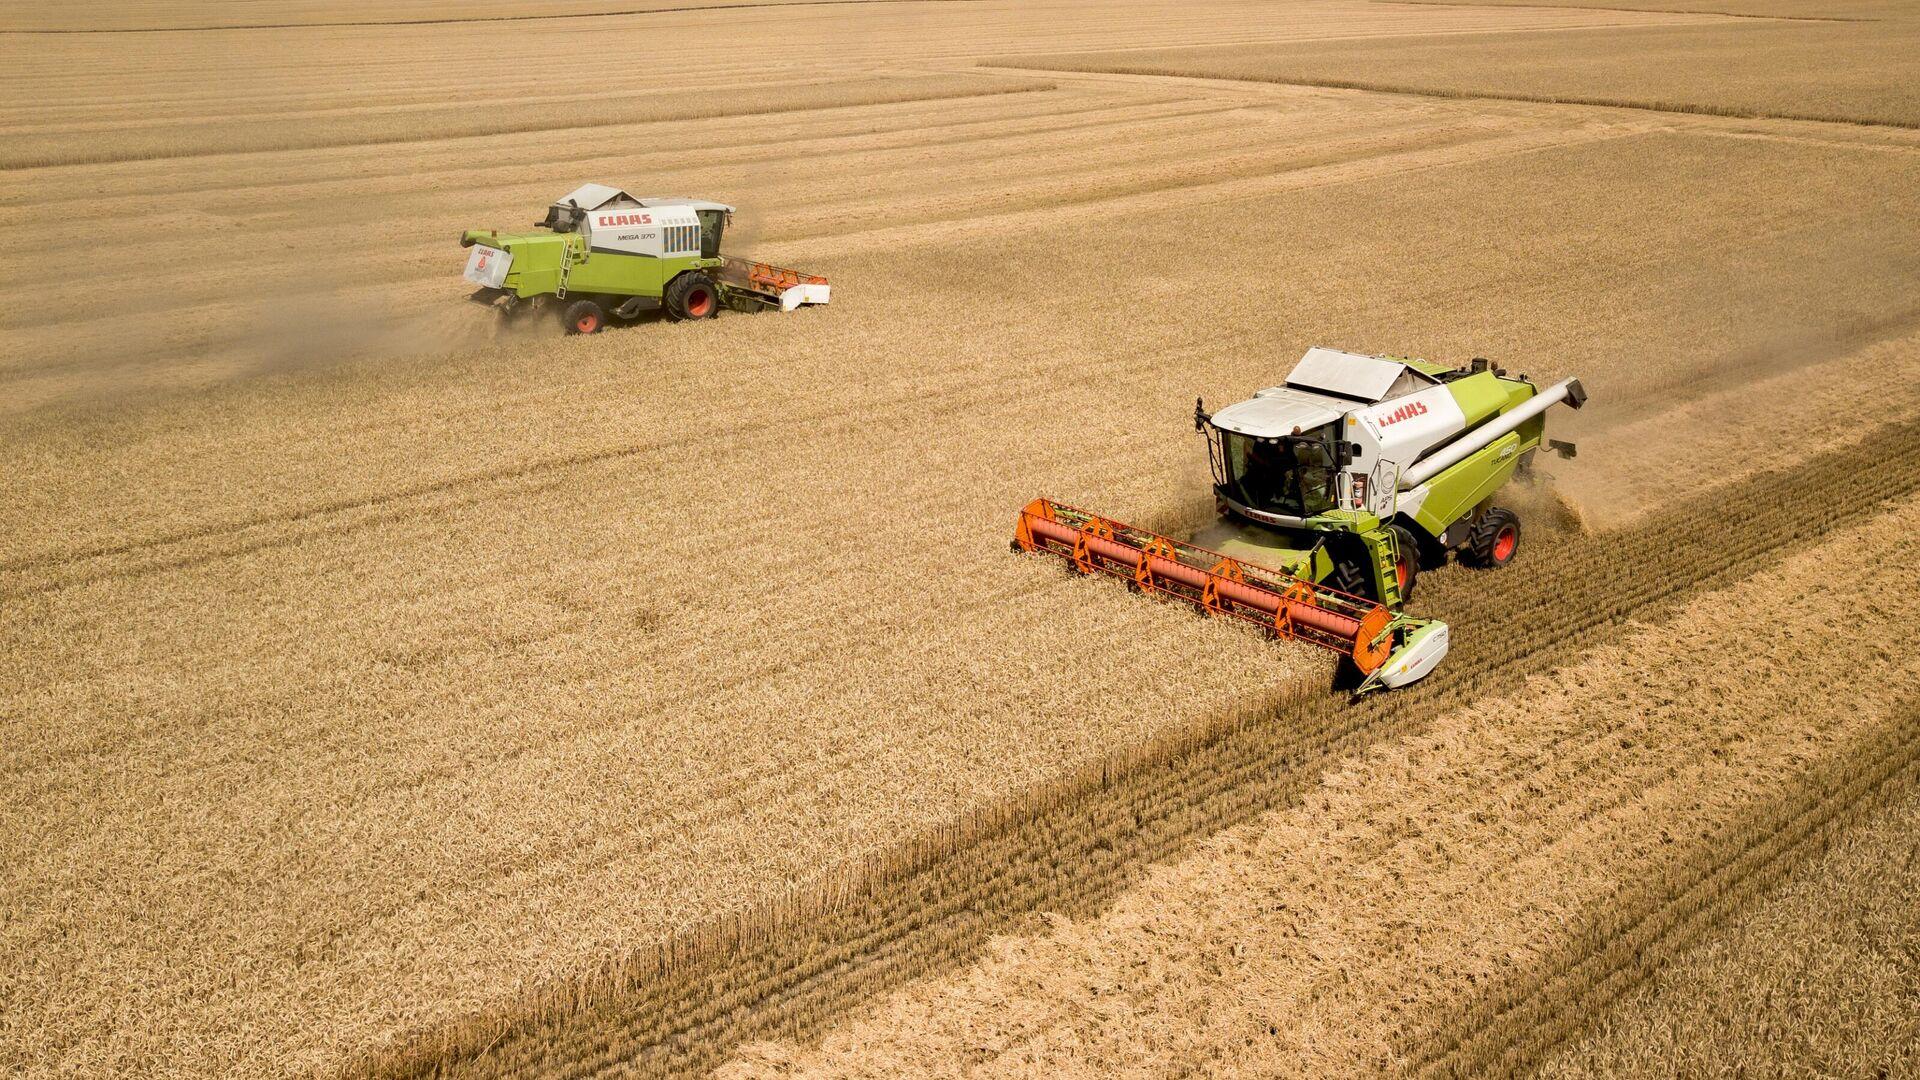 1574557011 0:0:3198:1799 1920x0 80 0 0 44bf9768e86b3009f30f1c458b4d4a48 - Эксперты спрогнозировали второй по объему урожай зерна в истории России